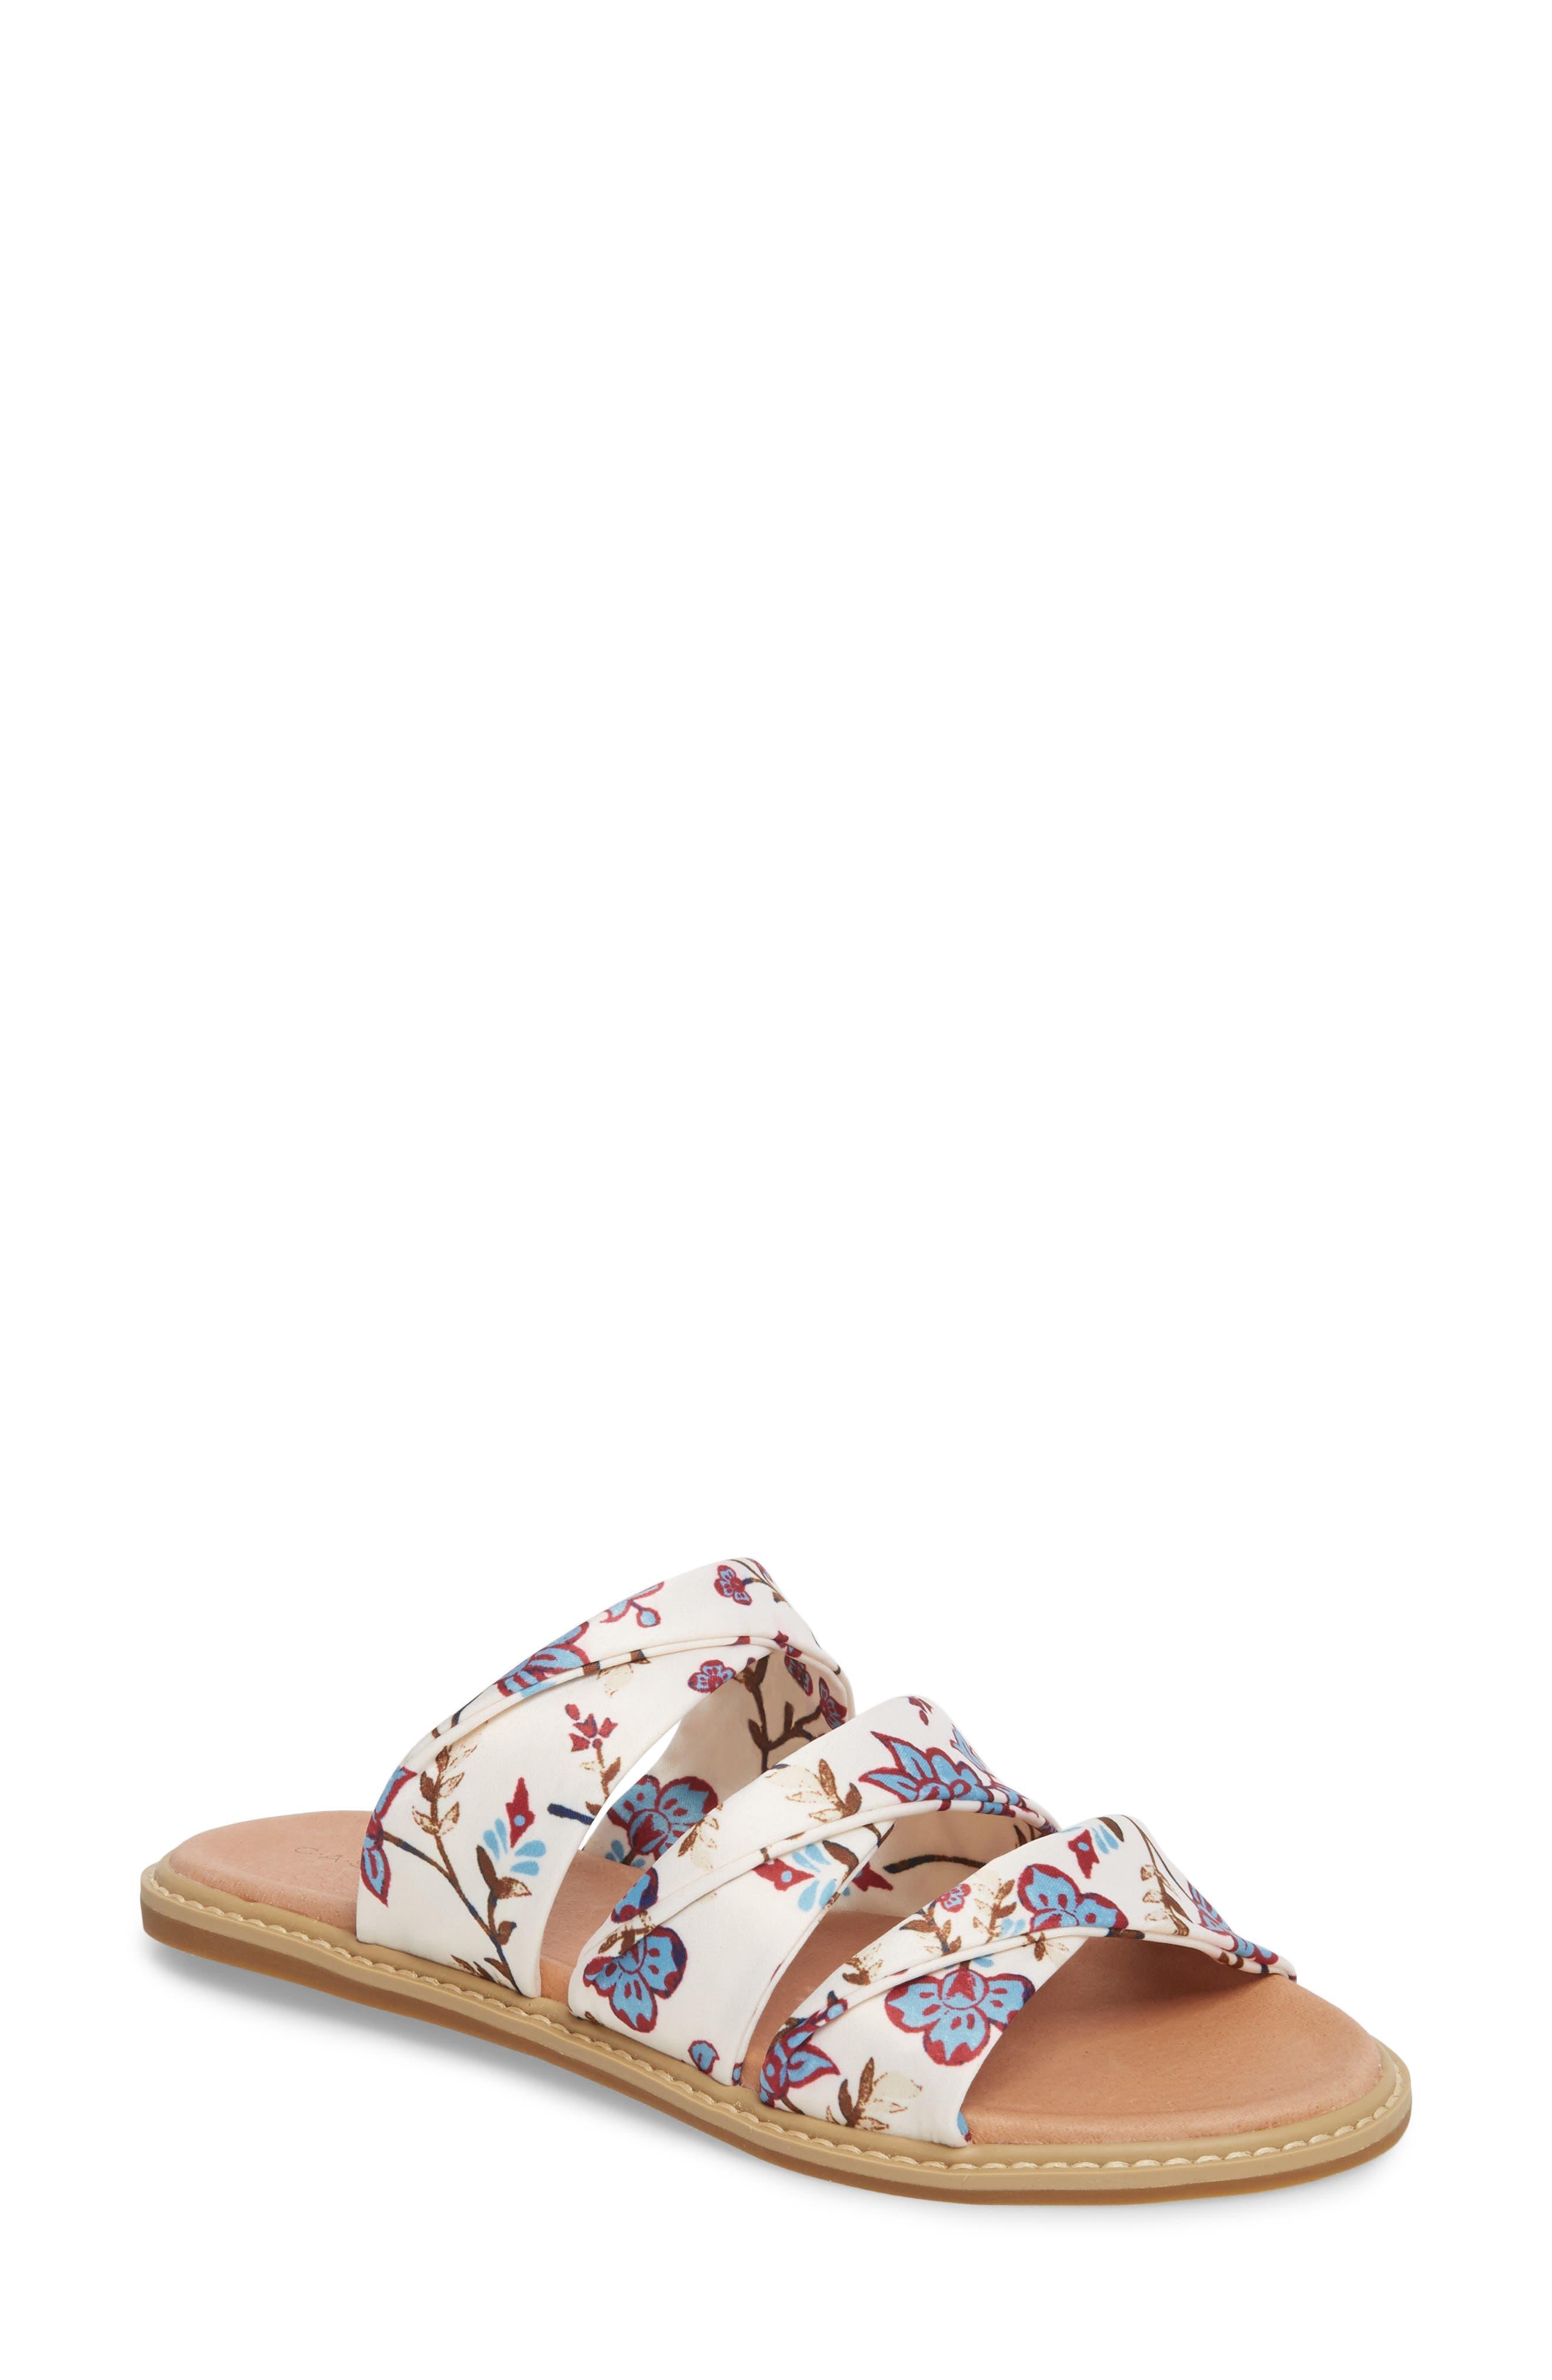 Cooper Slide Sandal,                         Main,                         color, White Agrestic Fabric